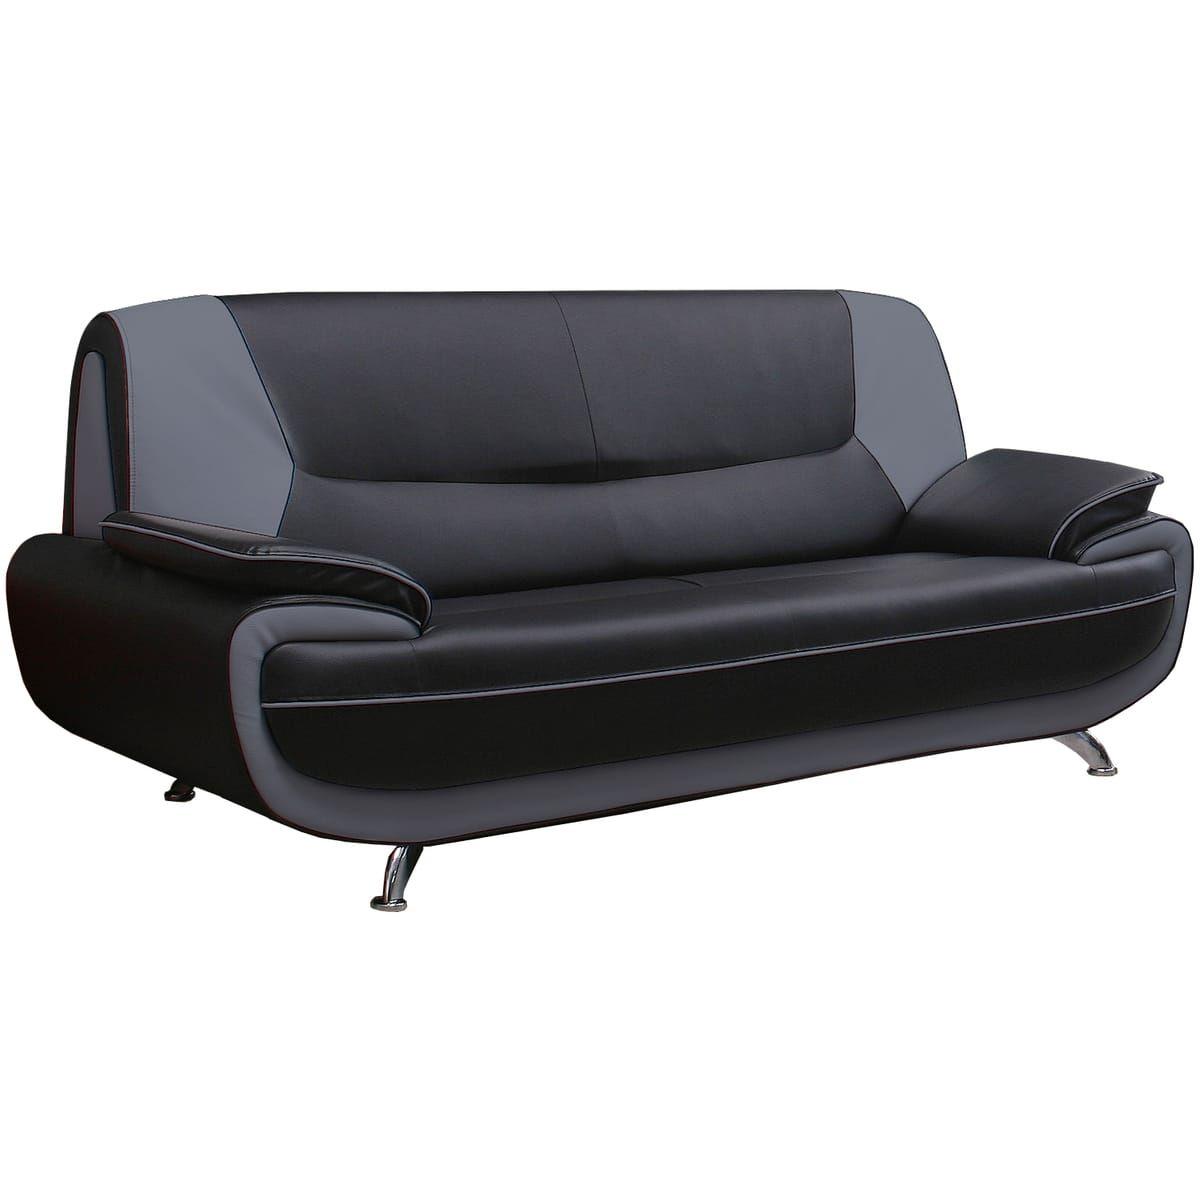 Canapé fixe 3 places PALERMO en cuir éco (dit synderme) bicolore